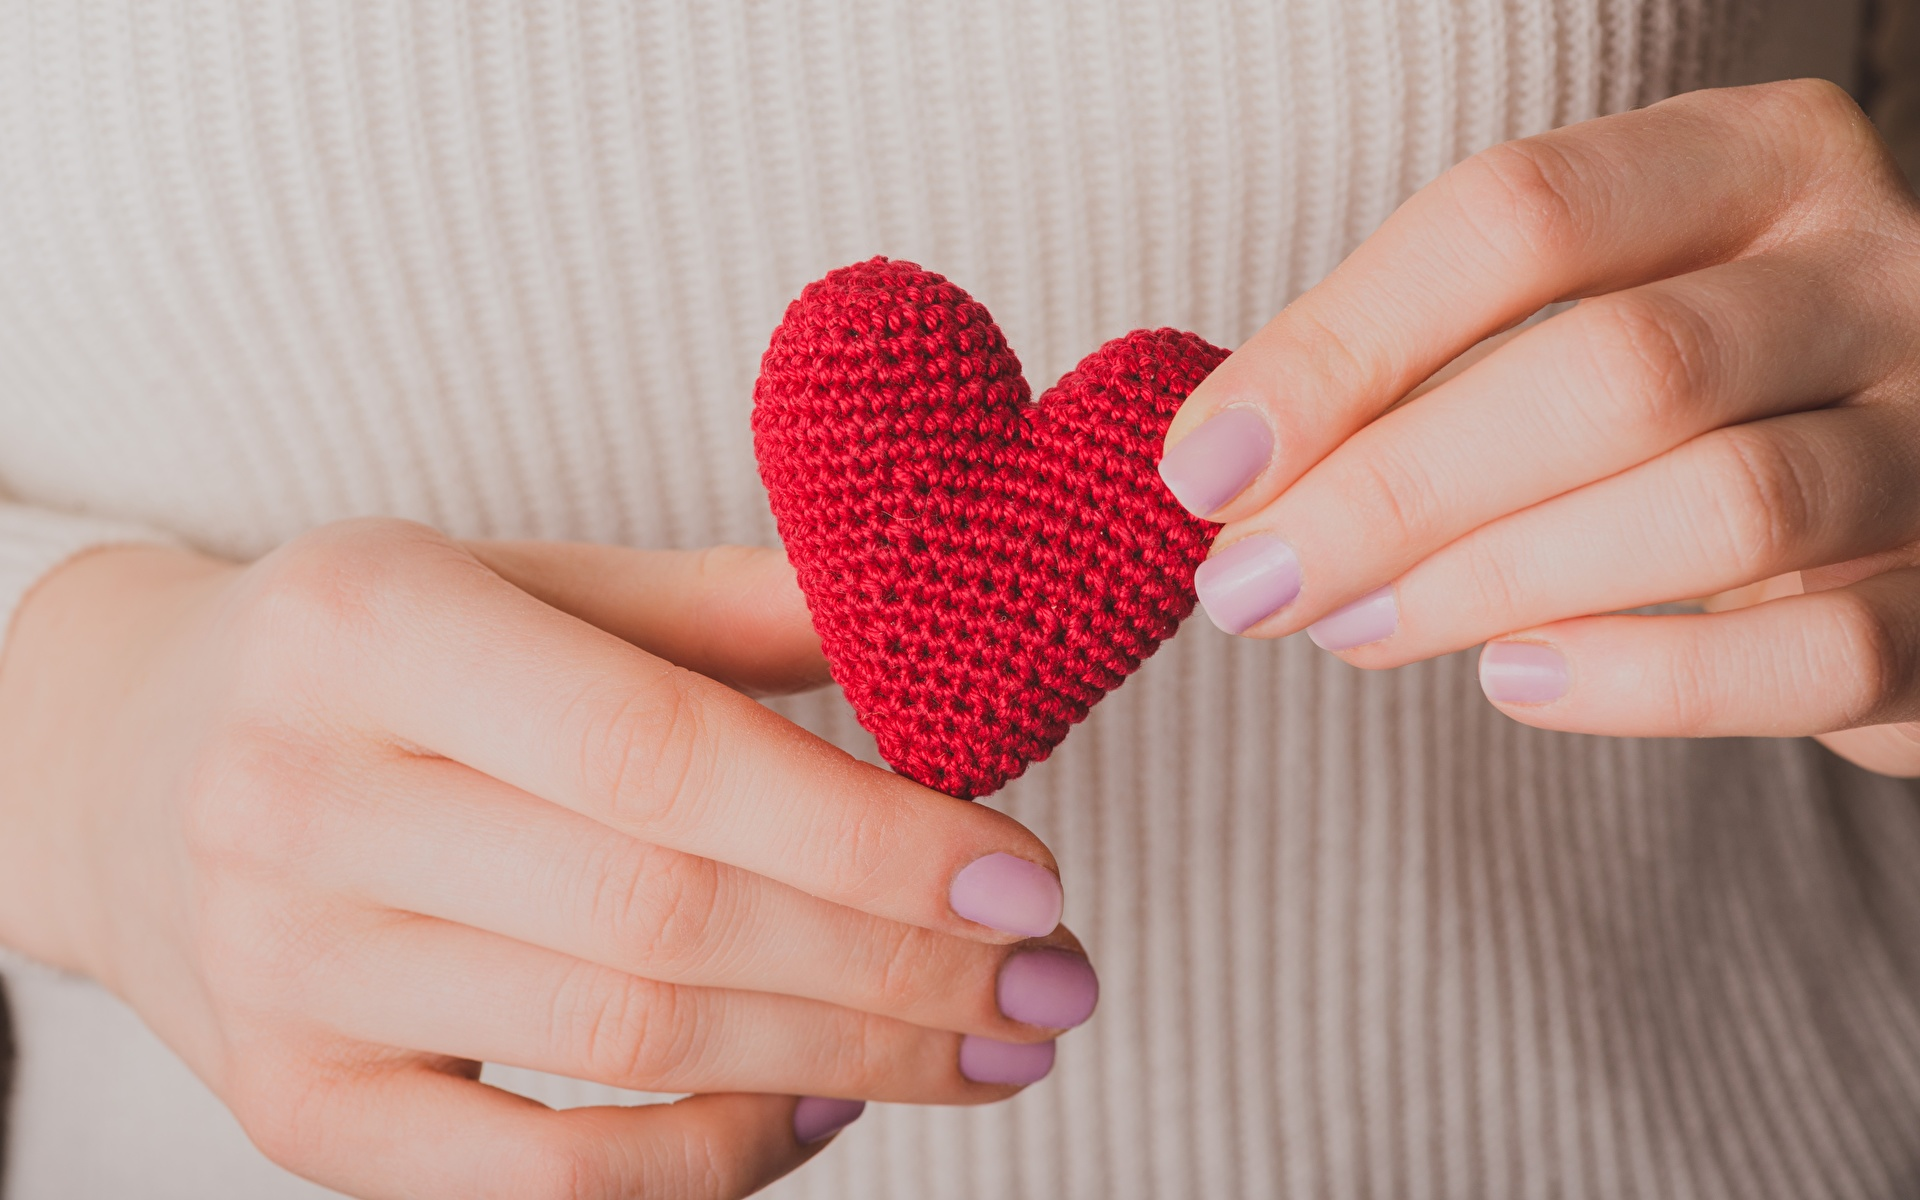 Фотографии День святого Валентина сердечко рука Крупным планом 1920x1200 День всех влюблённых серце Сердце сердца Руки вблизи